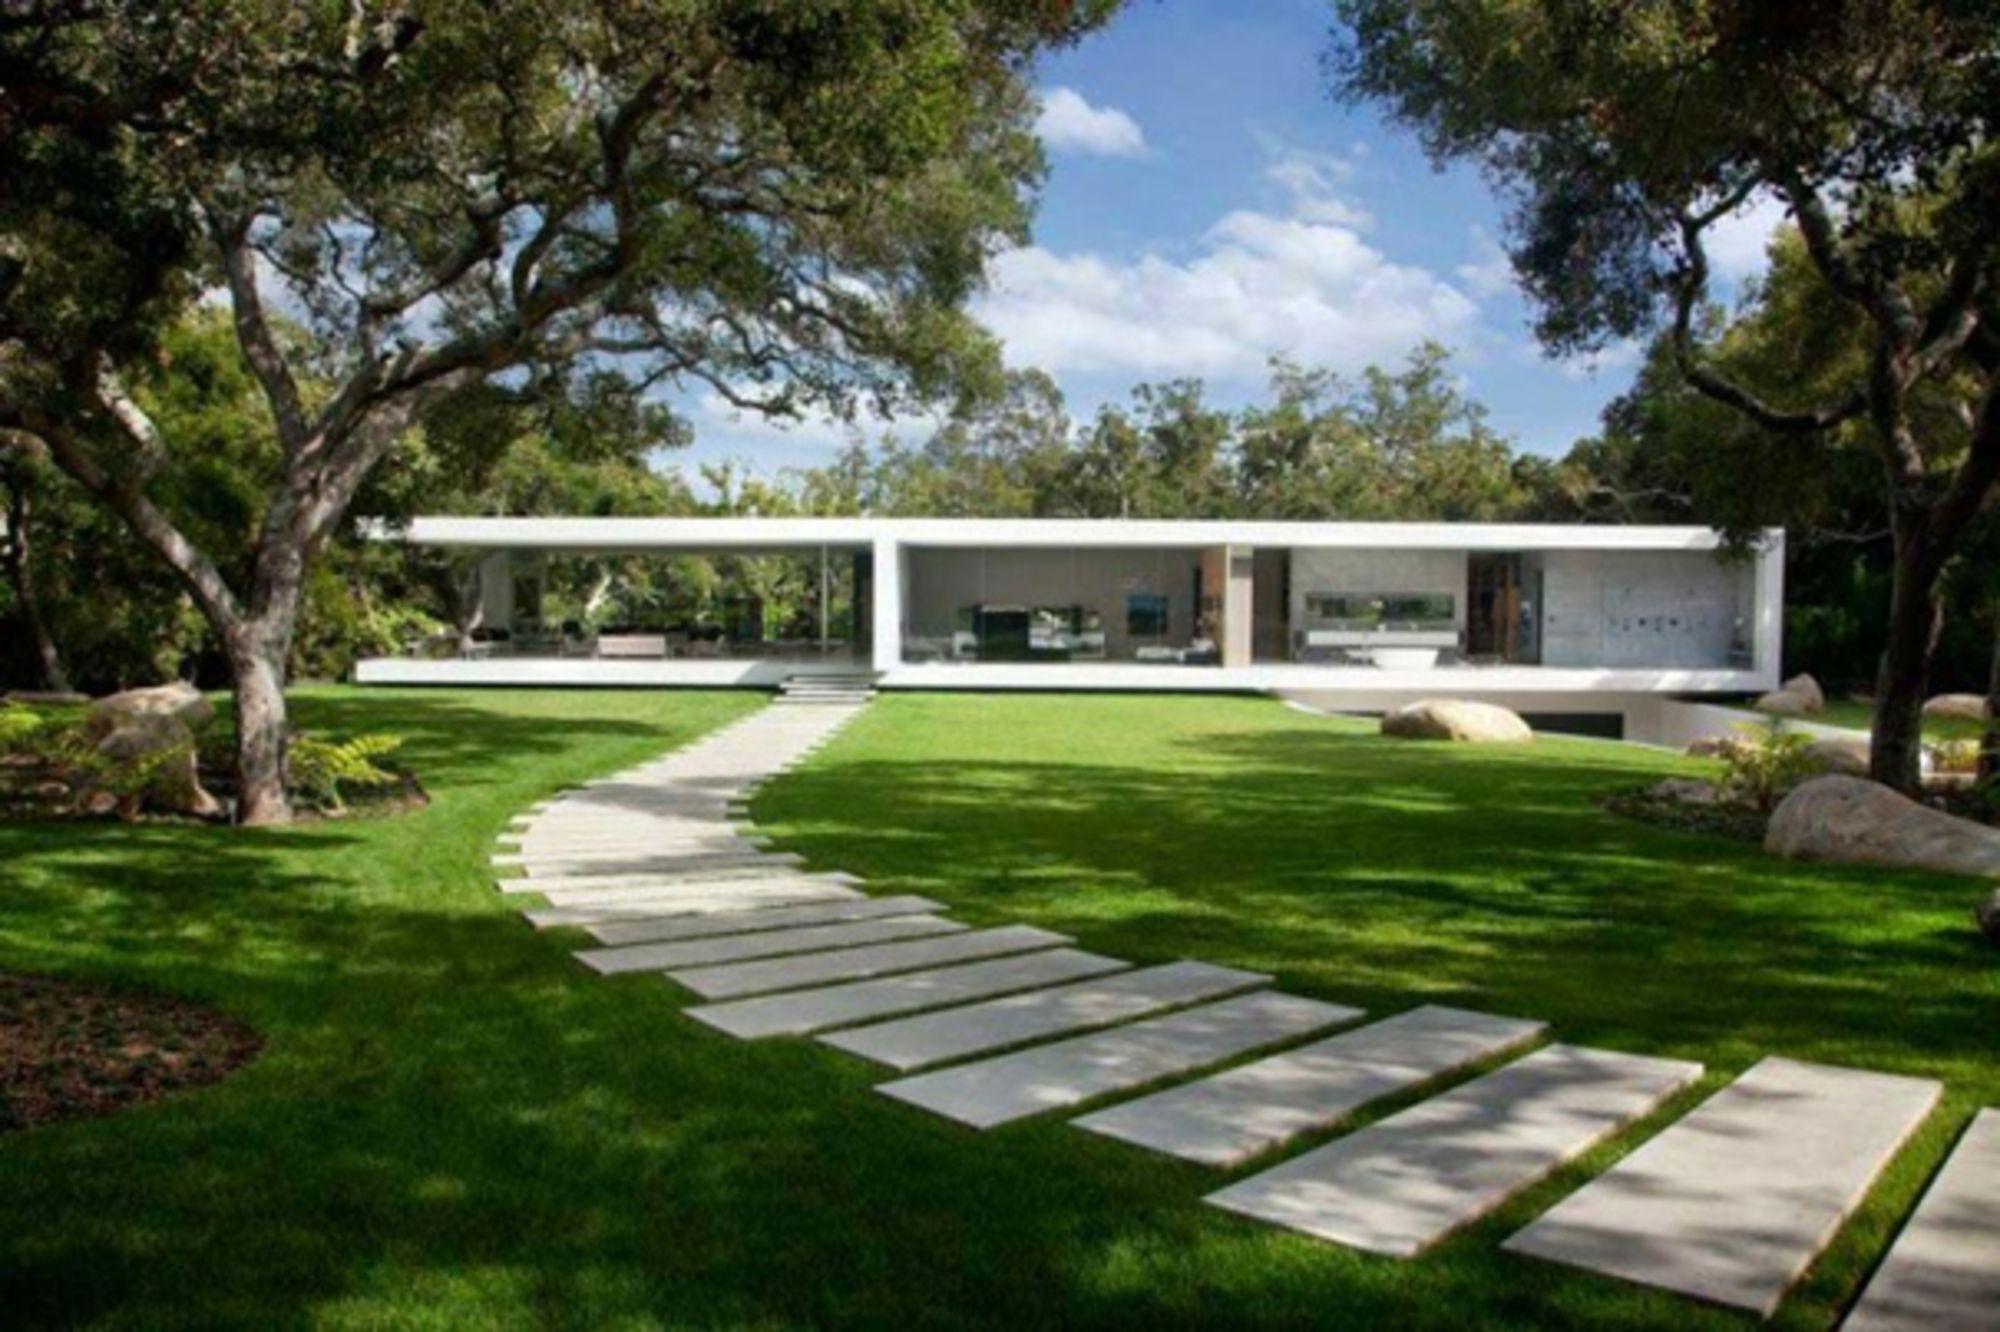 Desing casa de vidro perfect house pinterest glass pavilion house design e house - Residence de luxe montecito santa barbara ...